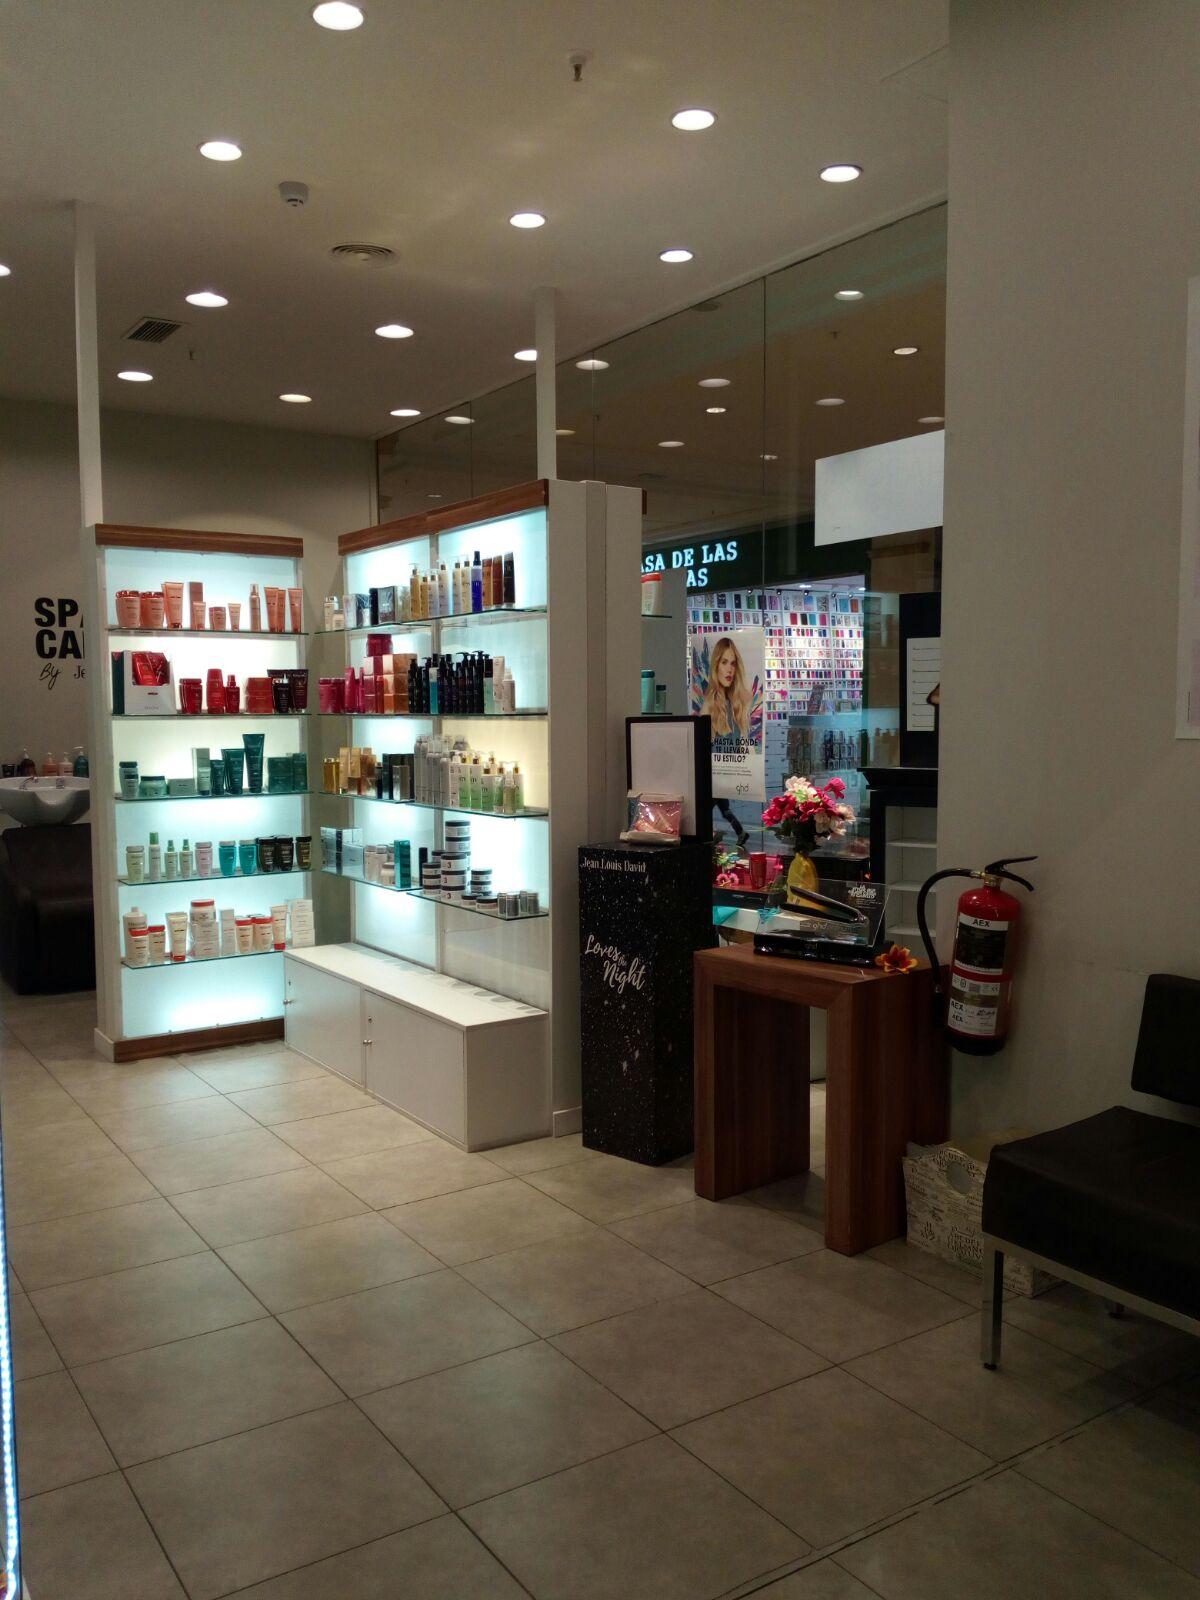 Salones de peluquería Alicante